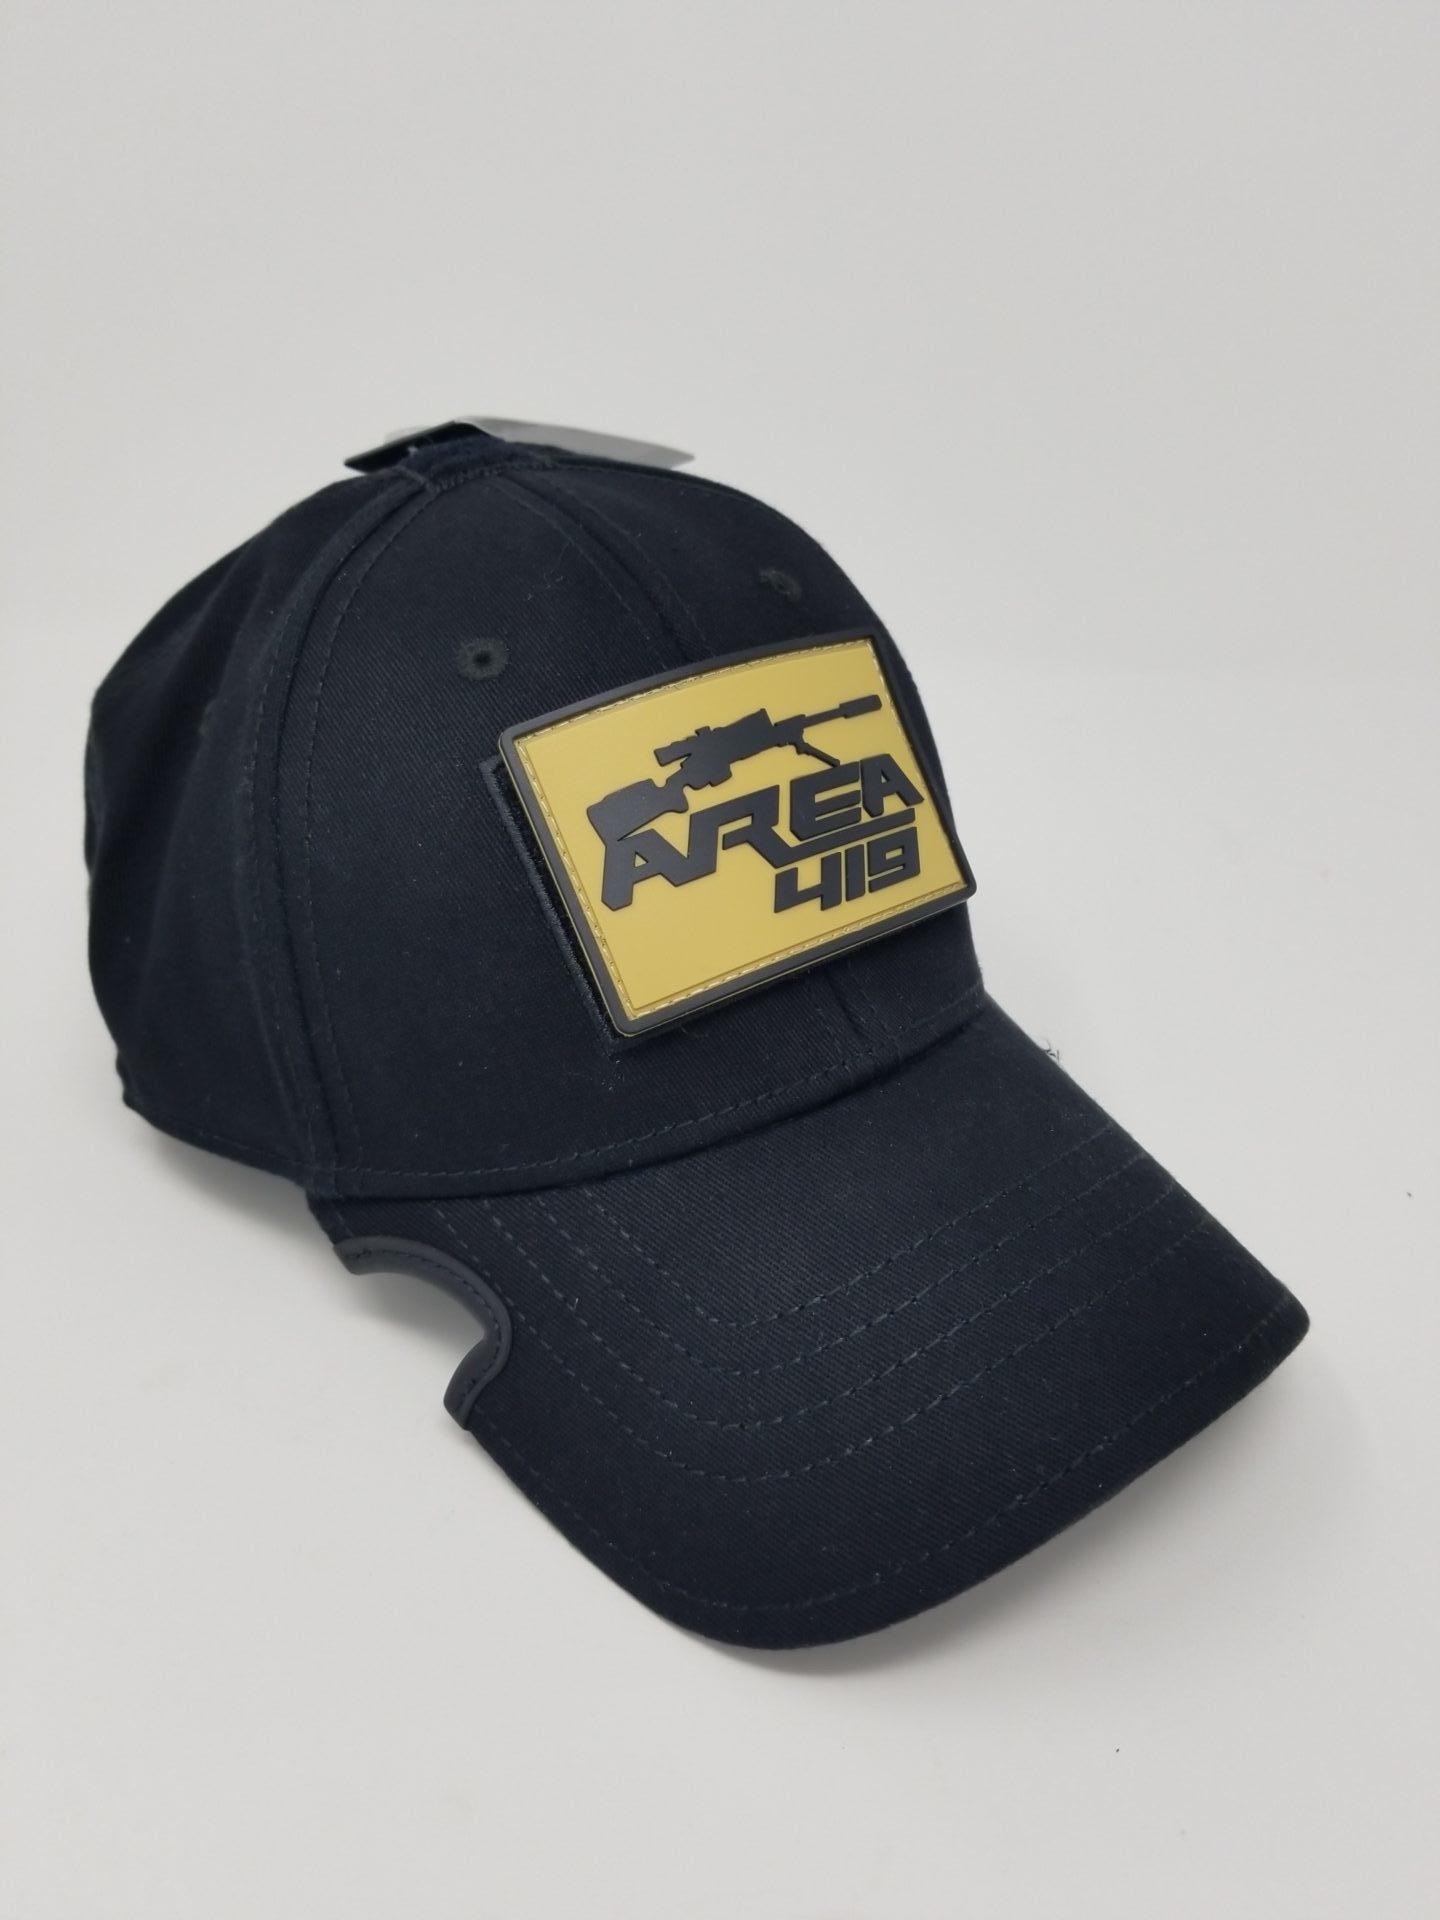 Notch Gear Black Operator Hat W/Patch